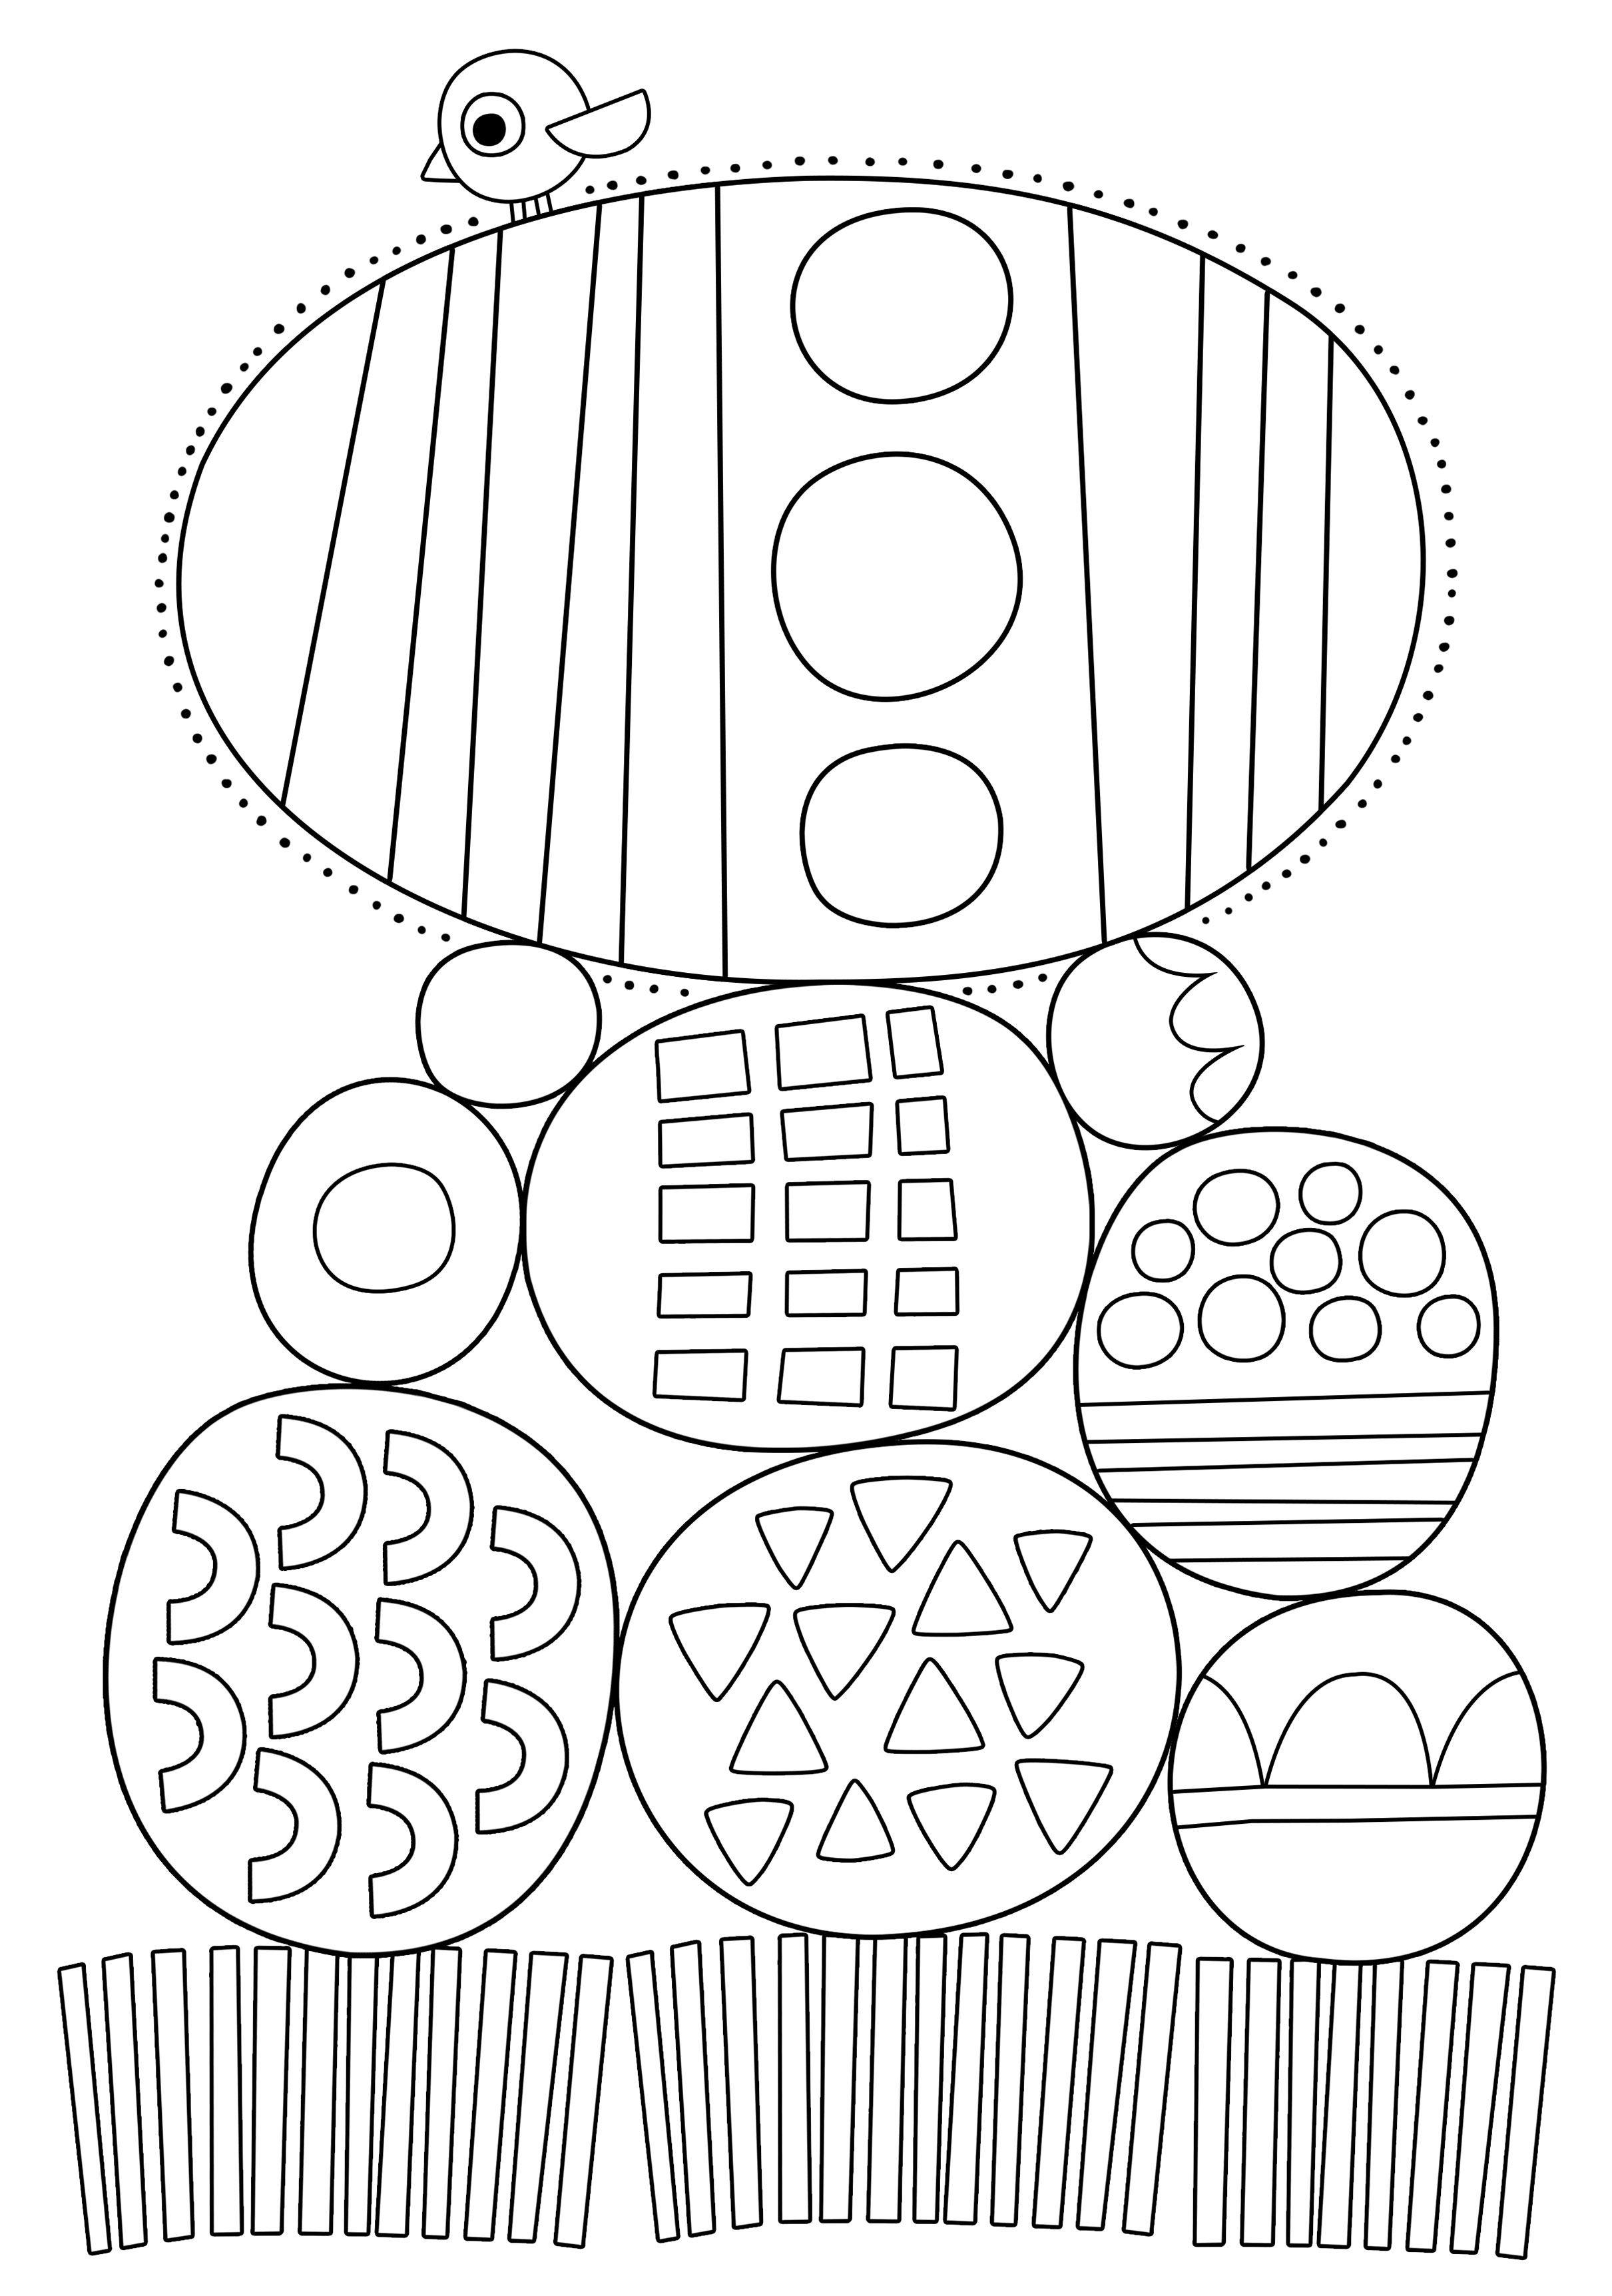 Pikku Kakkosen tulostettavat värityskuvat. Free printable pattern ...